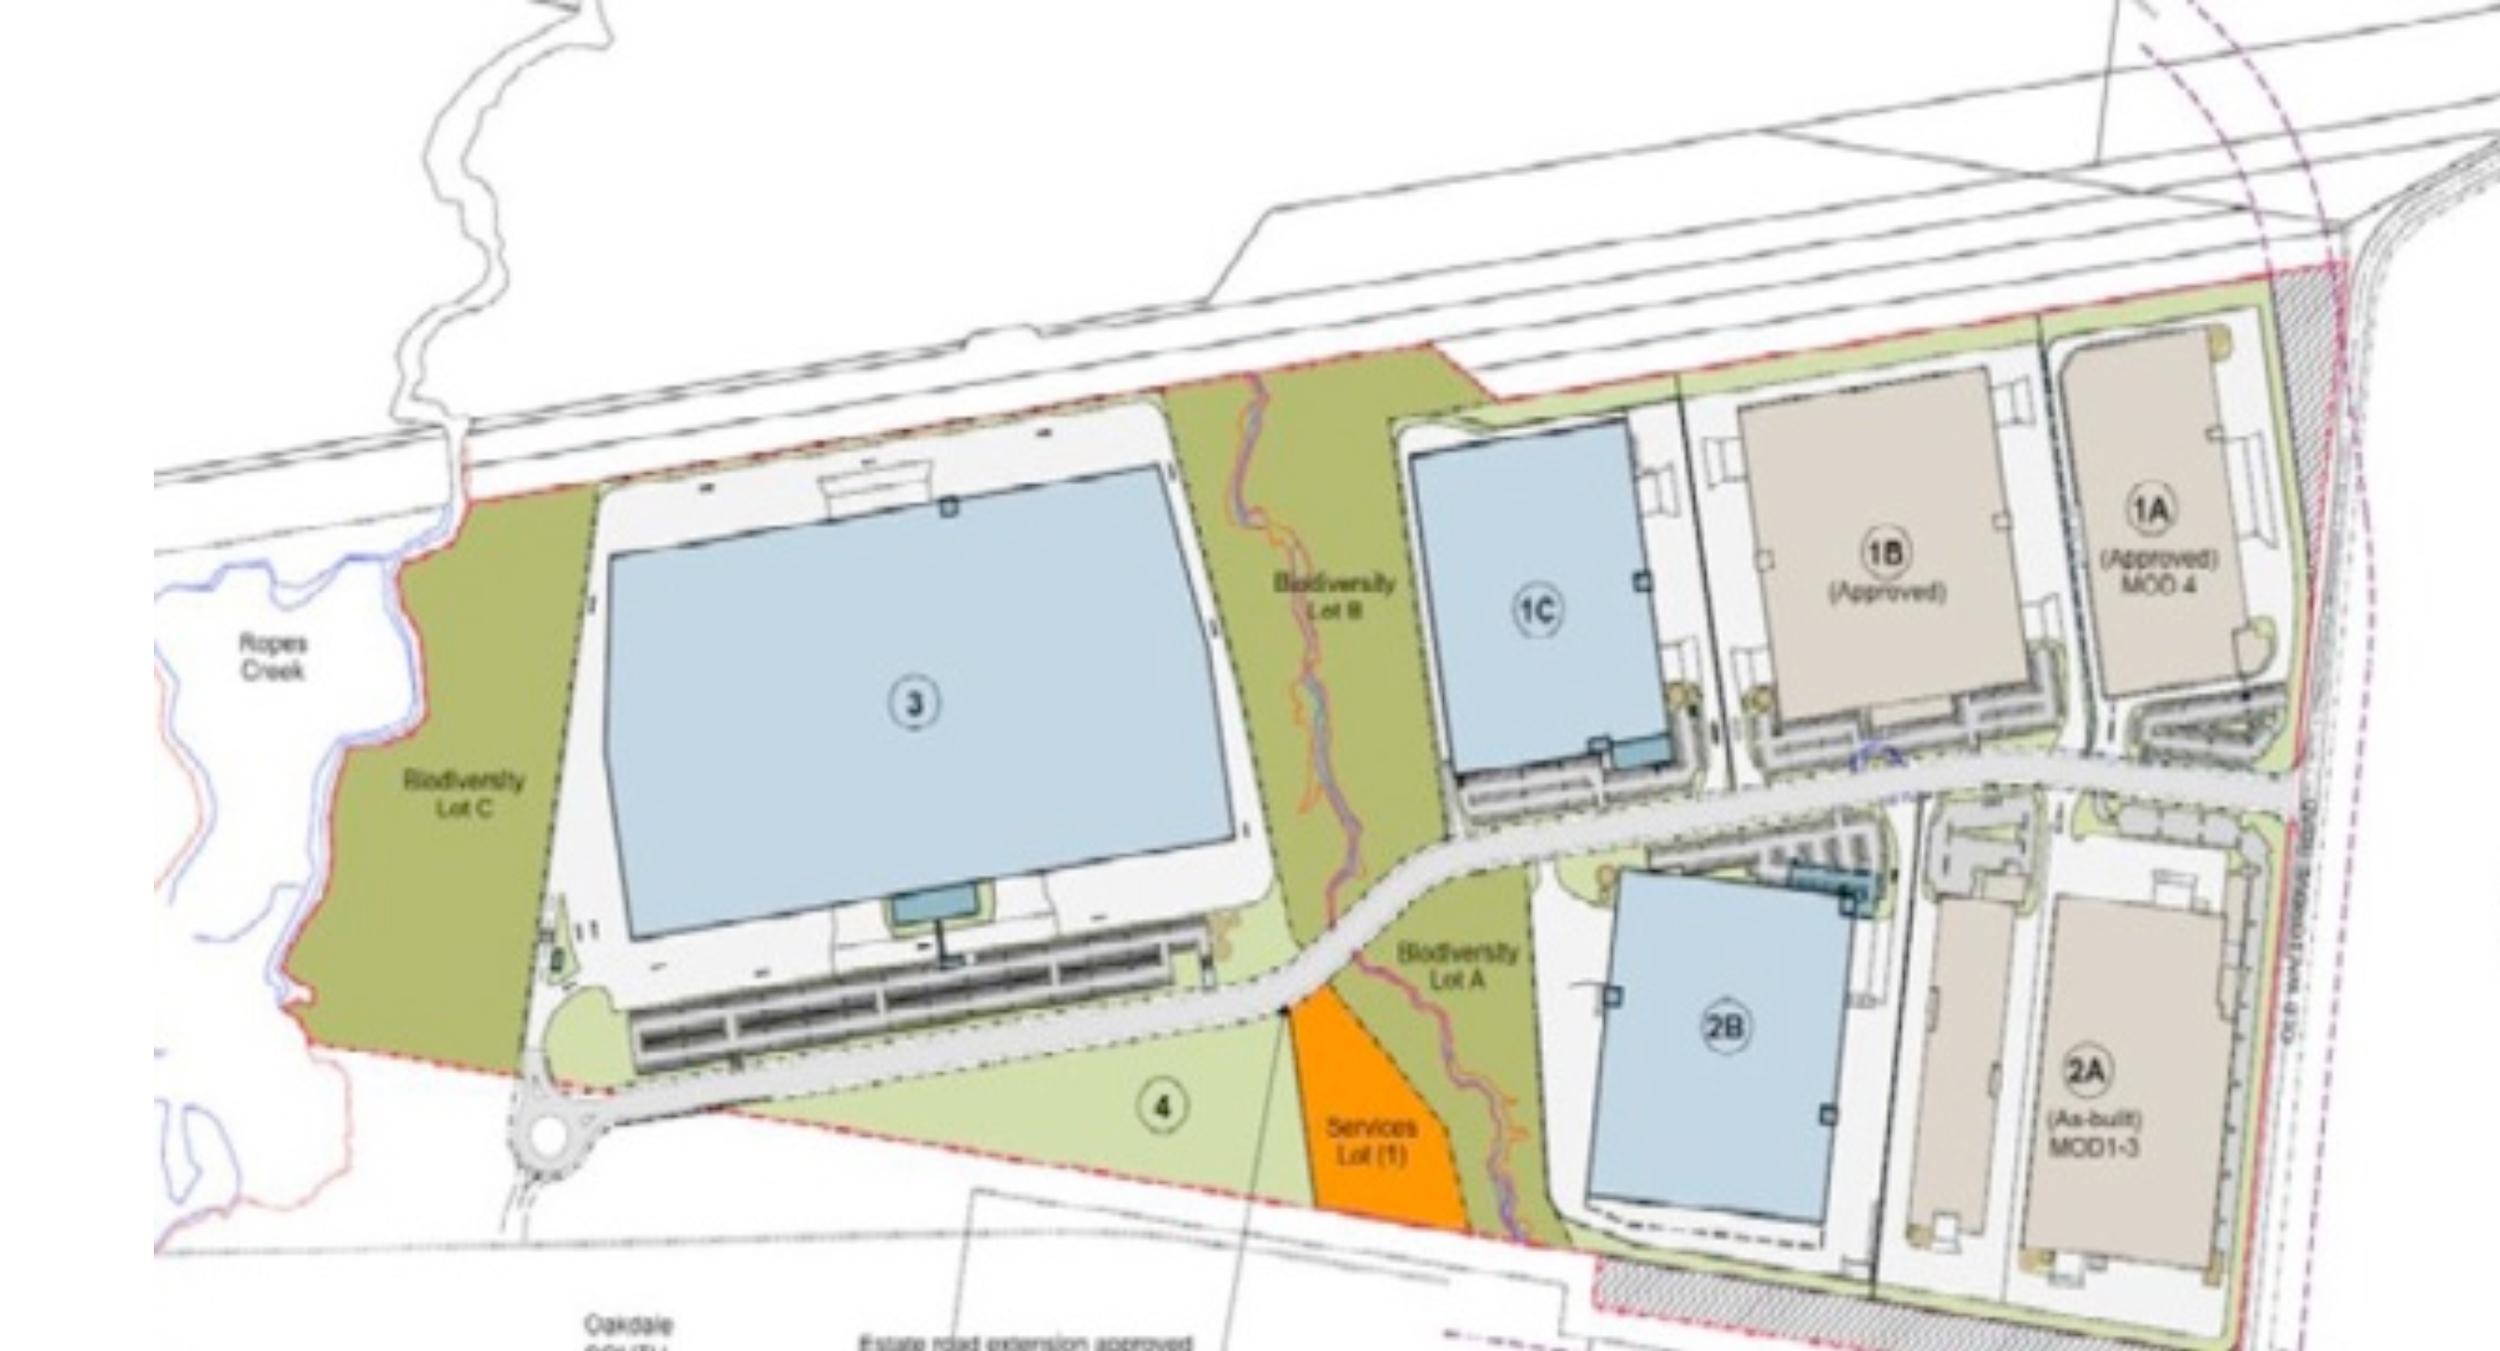 Oakdale Central Industrial Estate